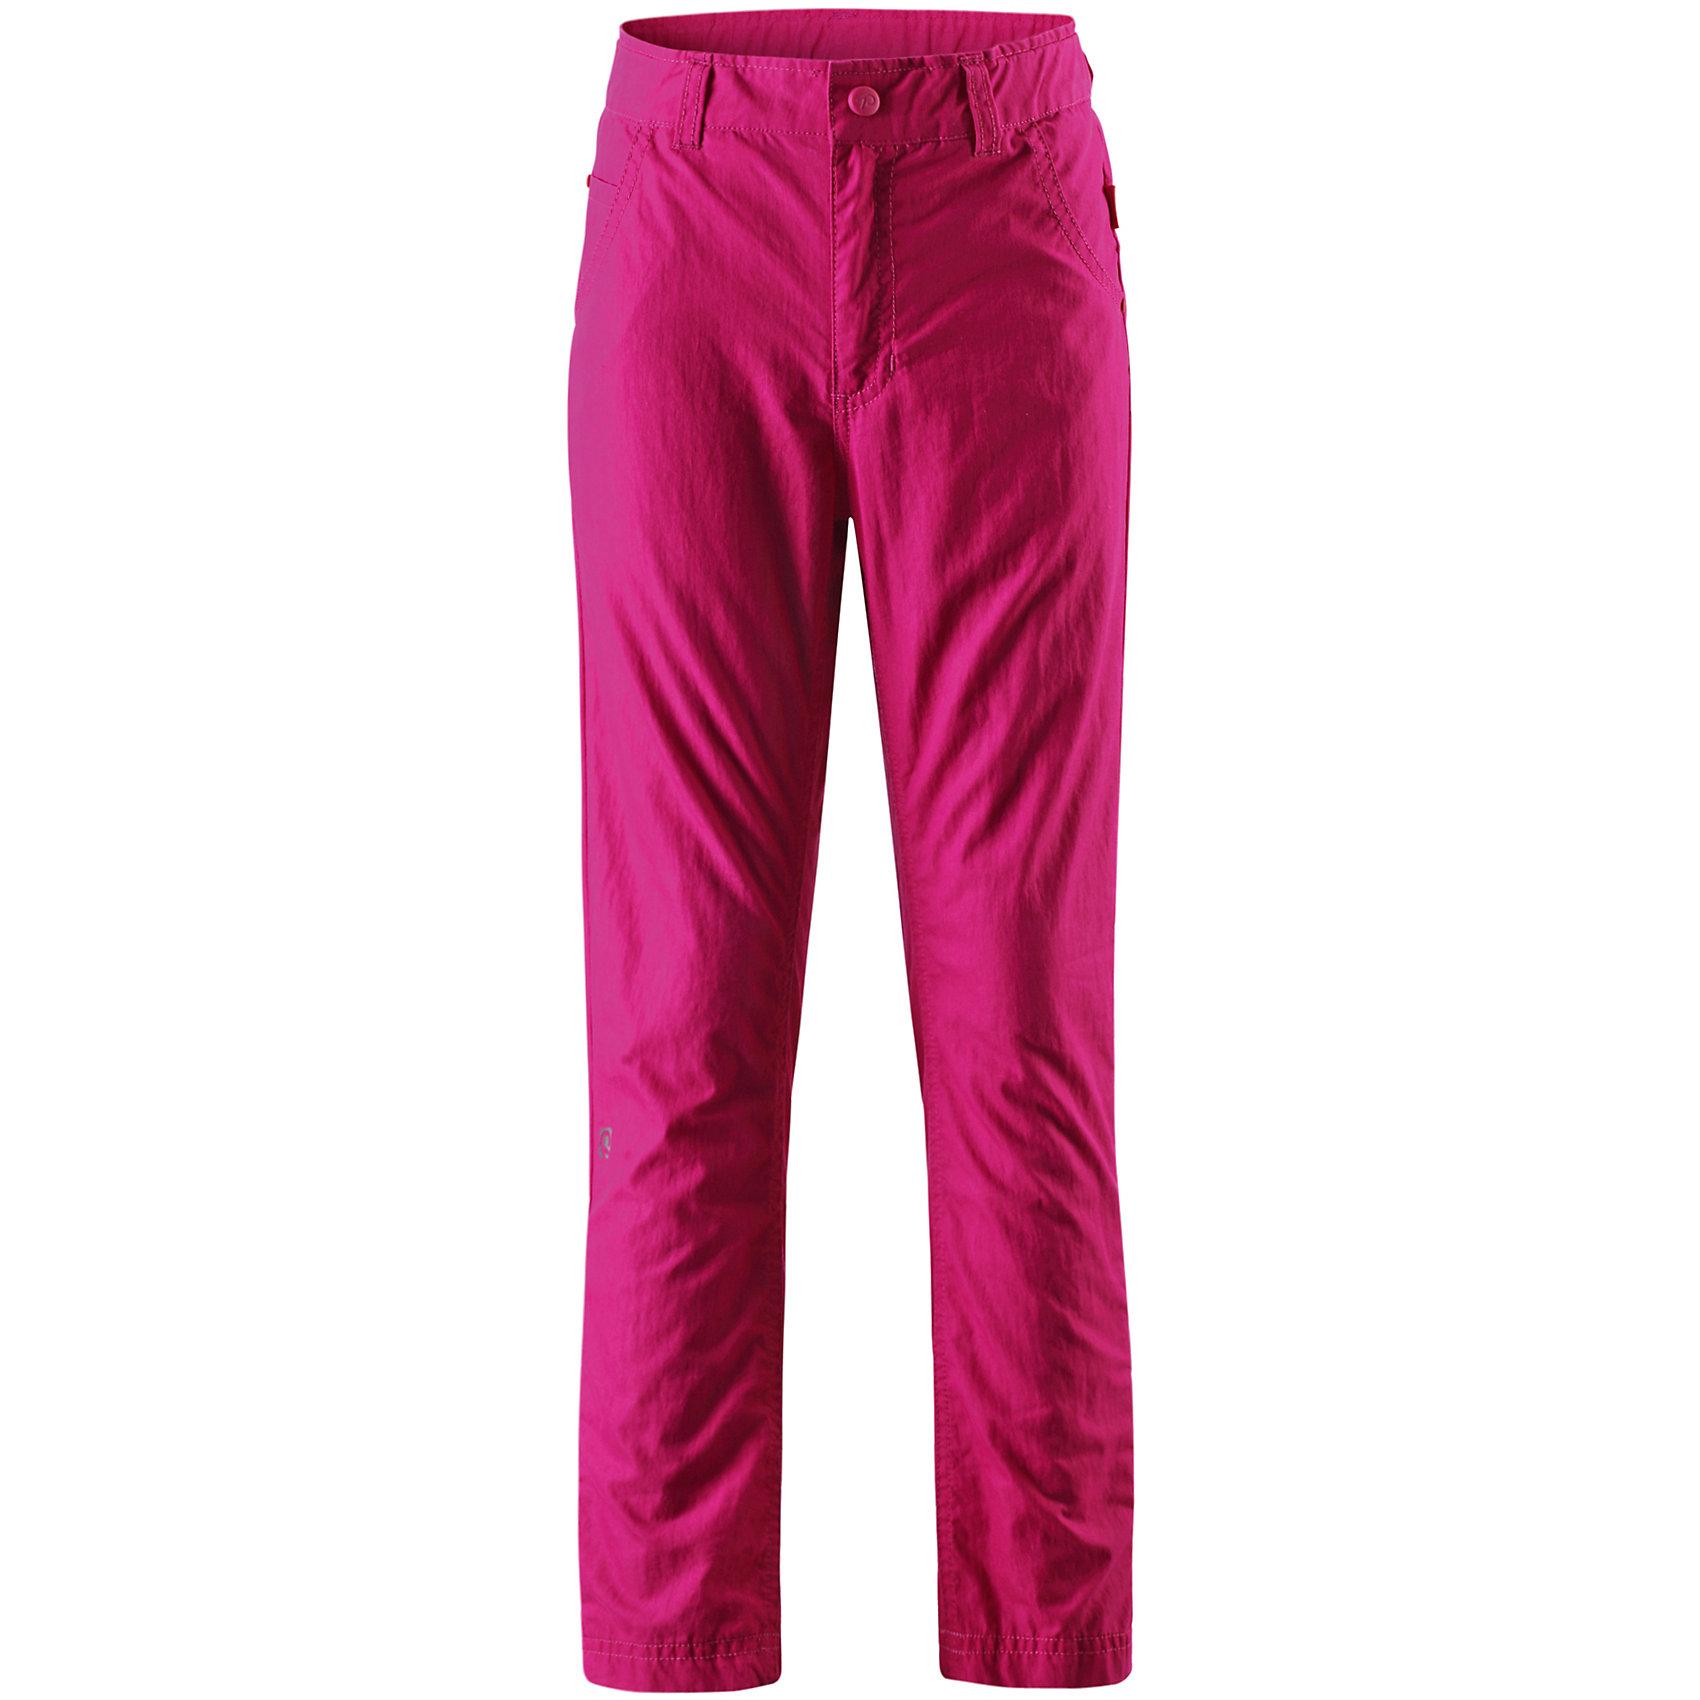 Брюки для девочки ReimaОдежда<br>Брюки для девочки Reimatec® Reima (Рейма), розовый от известного финского производителя  детской одежды Reima. Легкие брюки выполнены из сочетания хлопка и полиэстера, обладают высокой износоустойчивостью, воздухопроницаемыми, водооталкивающими и грязеотталкивающими свойствами. Изделие устойчиво к изменению формы и цвета даже при длительном использовании. Штанины брюк чуть зауженные, у пояса имеются шлевки, спереди – боковые втачные карманы и один втачной карман сзади. Ширина пояса регулируется с внутренней стороны, ширинка застегивается на молнию. <br><br>Дополнительная информация:<br><br>- Предназначение: повседневная одежда<br>- Цвет: розовый<br>- Пол: для девочки<br>- Состав: 70% хлопок, 30 % полиамид<br>- Сезон: лето<br>- Особенности ухода: стирка при температуре не более 40 градусов, не использовать отбеливающие вещества<br><br>Подробнее:<br><br>• Для детей в возрасте: от 3 лет и до 4 лет<br>• Страна производитель: Китай<br>• Торговый бренд: Reima, Финляндия<br><br>Брюки для девочки Reimatec® Reima (Рейма), розовый можно купить в нашем интернет-магазине.<br><br>Ширина мм: 215<br>Глубина мм: 88<br>Высота мм: 191<br>Вес г: 336<br>Цвет: розовый<br>Возраст от месяцев: 120<br>Возраст до месяцев: 132<br>Пол: Женский<br>Возраст: Детский<br>Размер: 104,152,164,122,116,158,146,140,134,128,110<br>SKU: 4654016